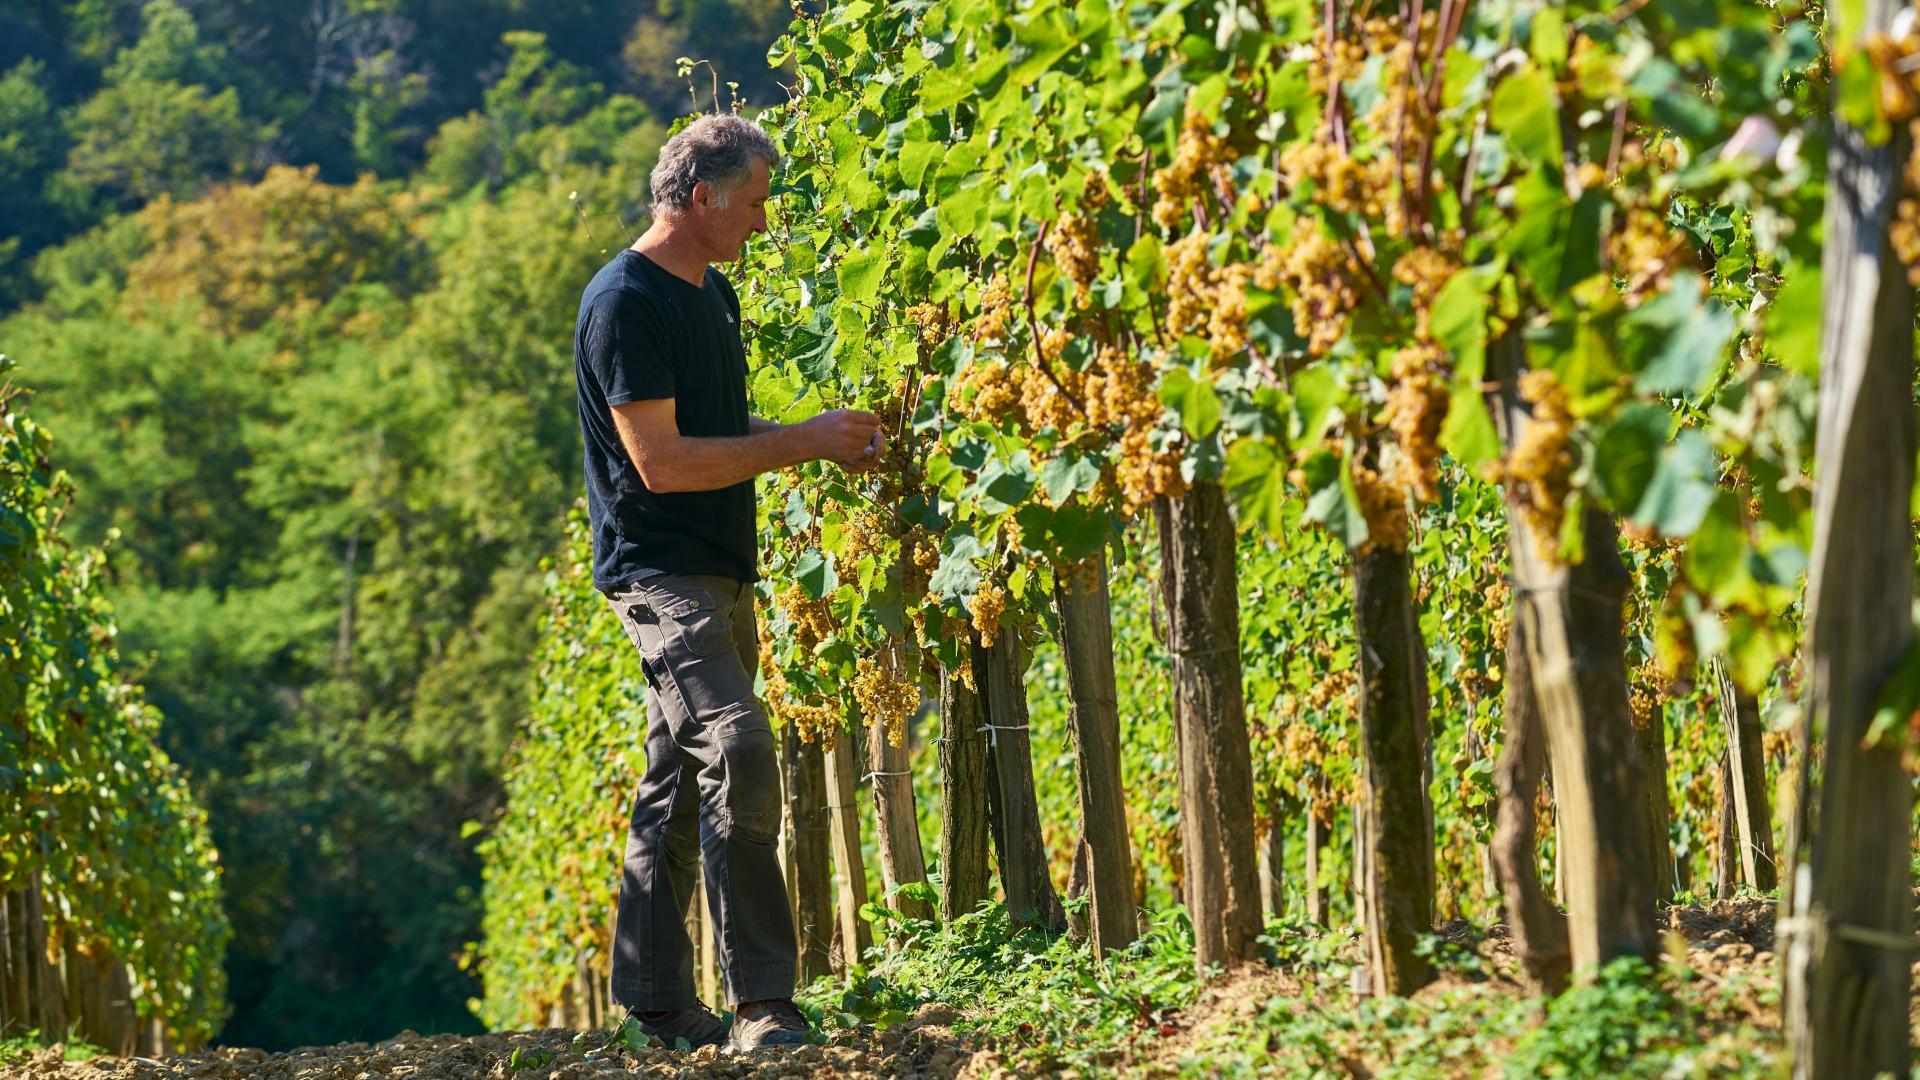 Vendanges du Jurançon dans les vignobles des Pyrénées béarnaises